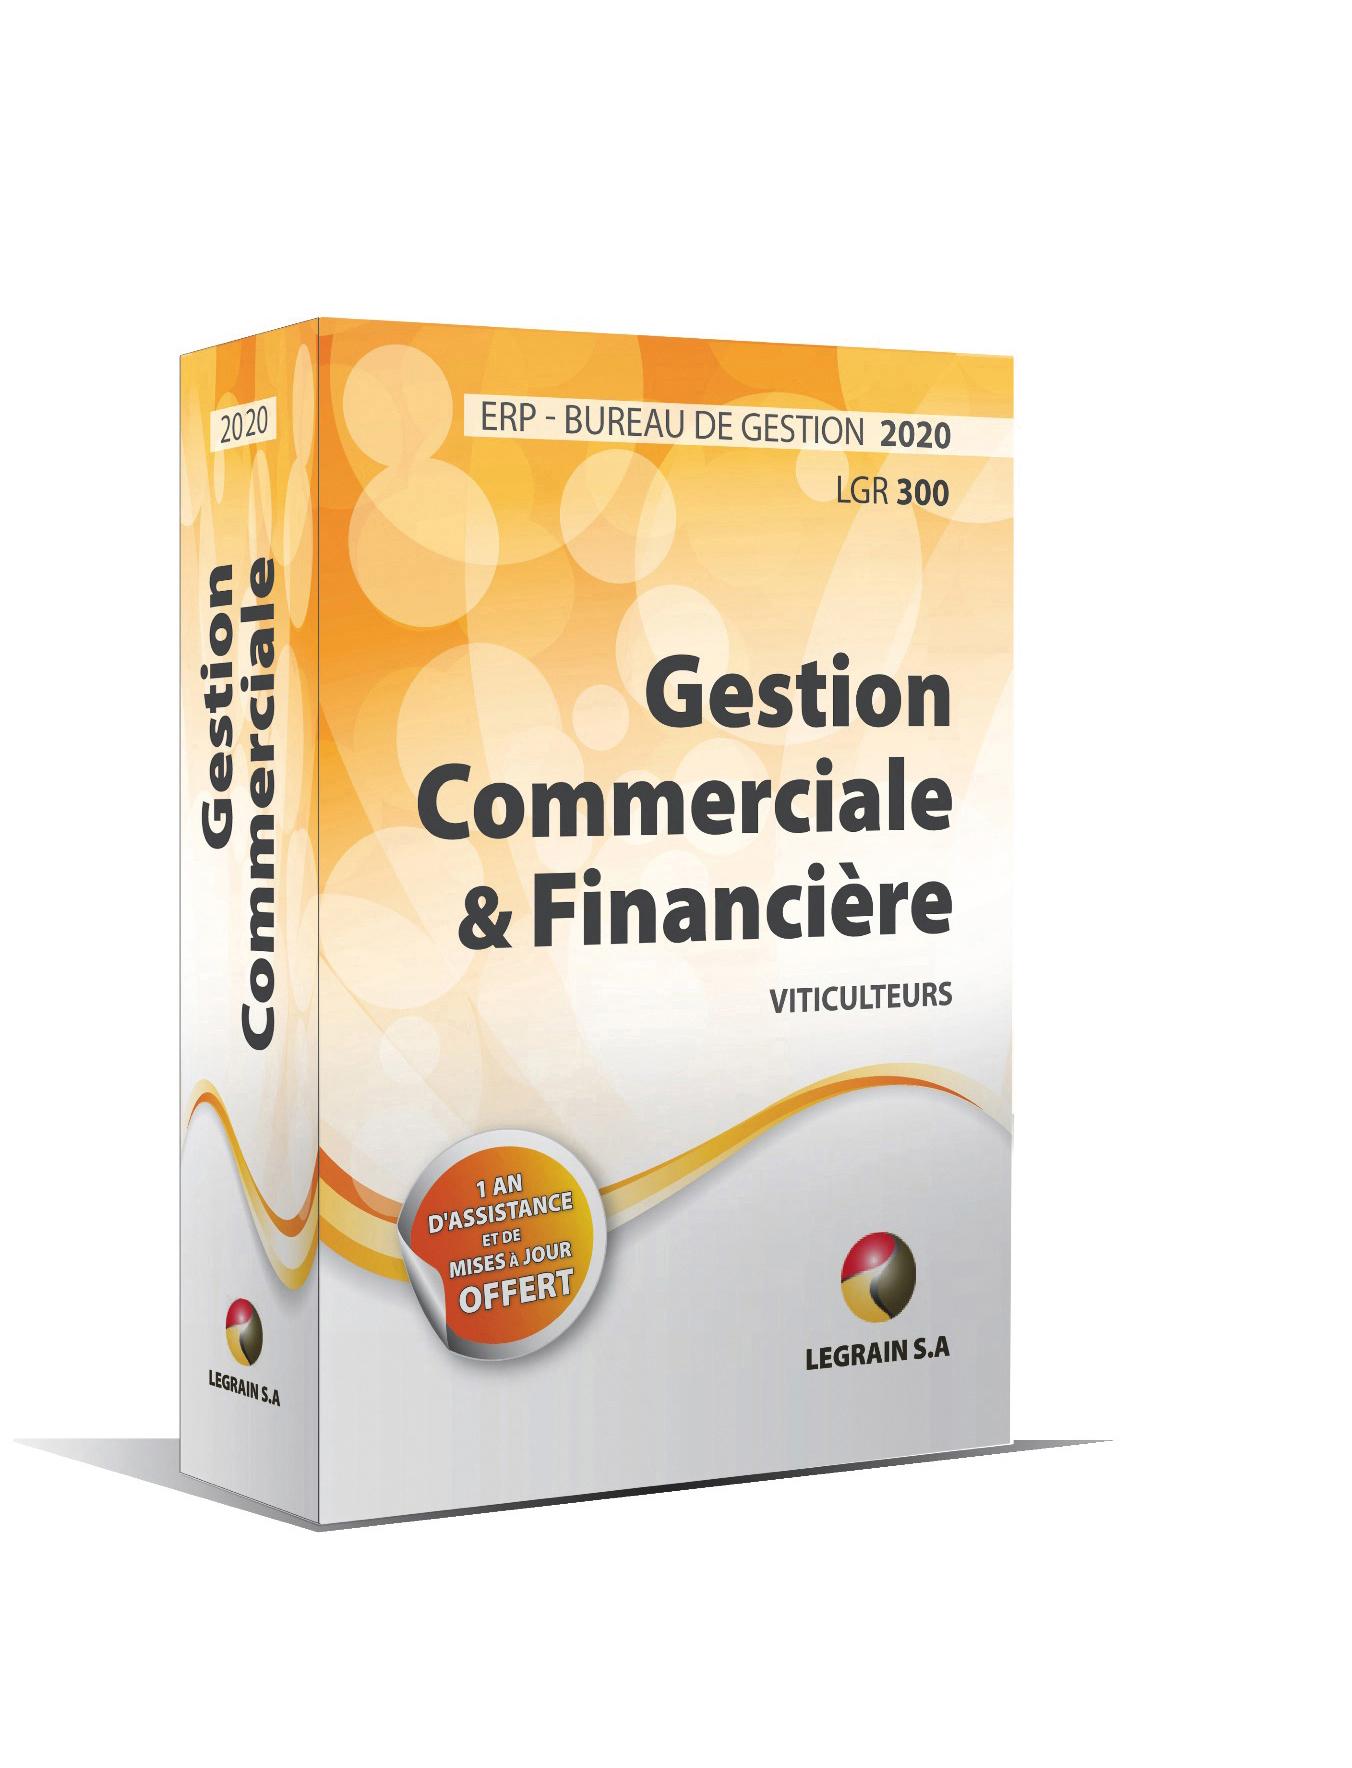 logiciel-de-gestion-commerciale-et-financiere-viticulteurs-LGR300